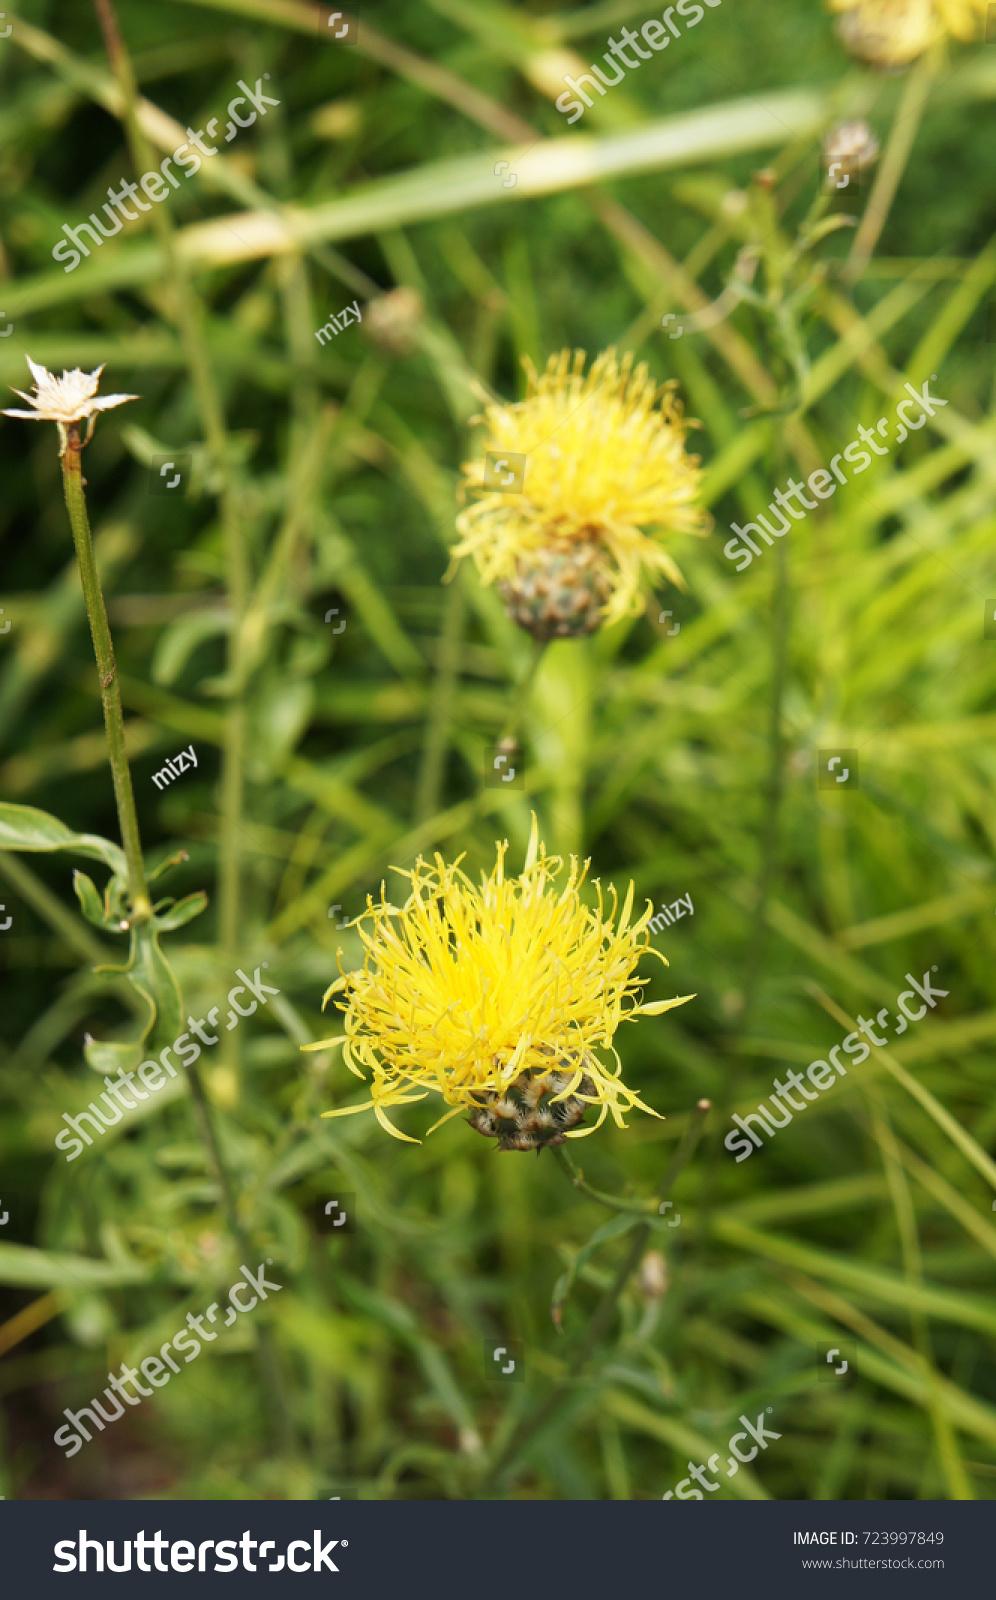 Centaurea Orientalis Yellow Starthistle Flowers Green Stock Photo